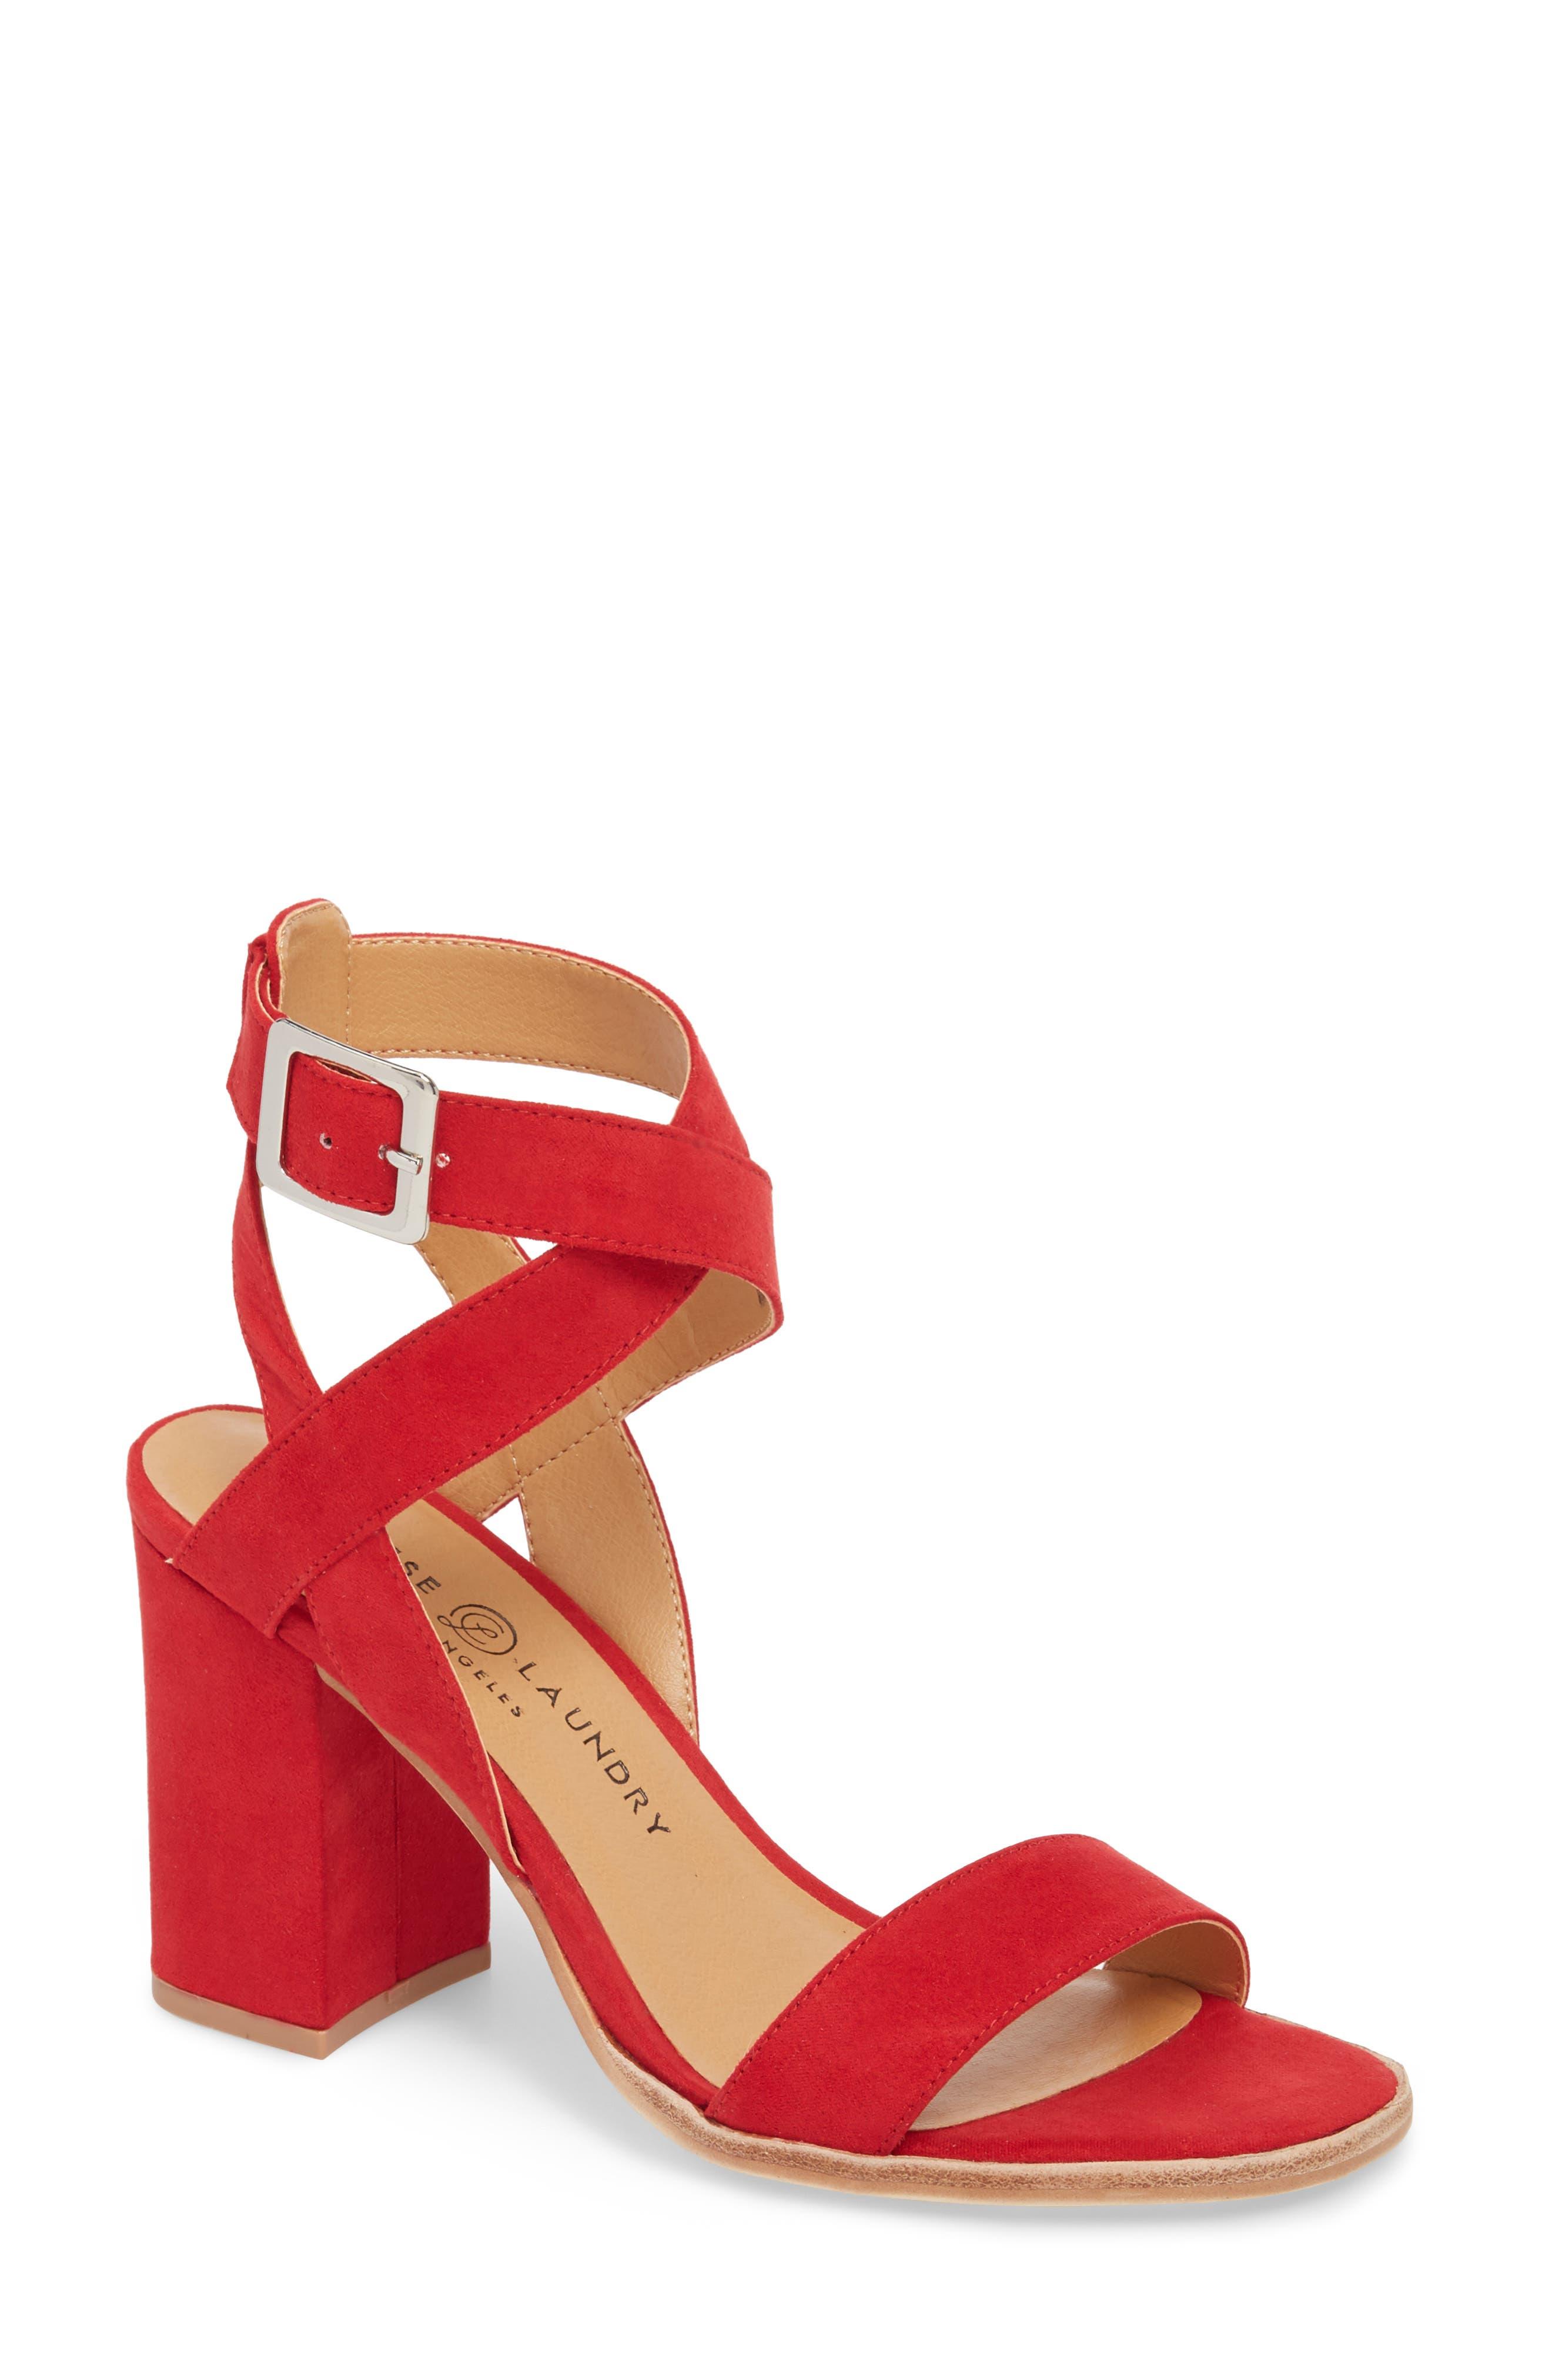 Stassi Block Heel Sandal,                         Main,                         color, Red